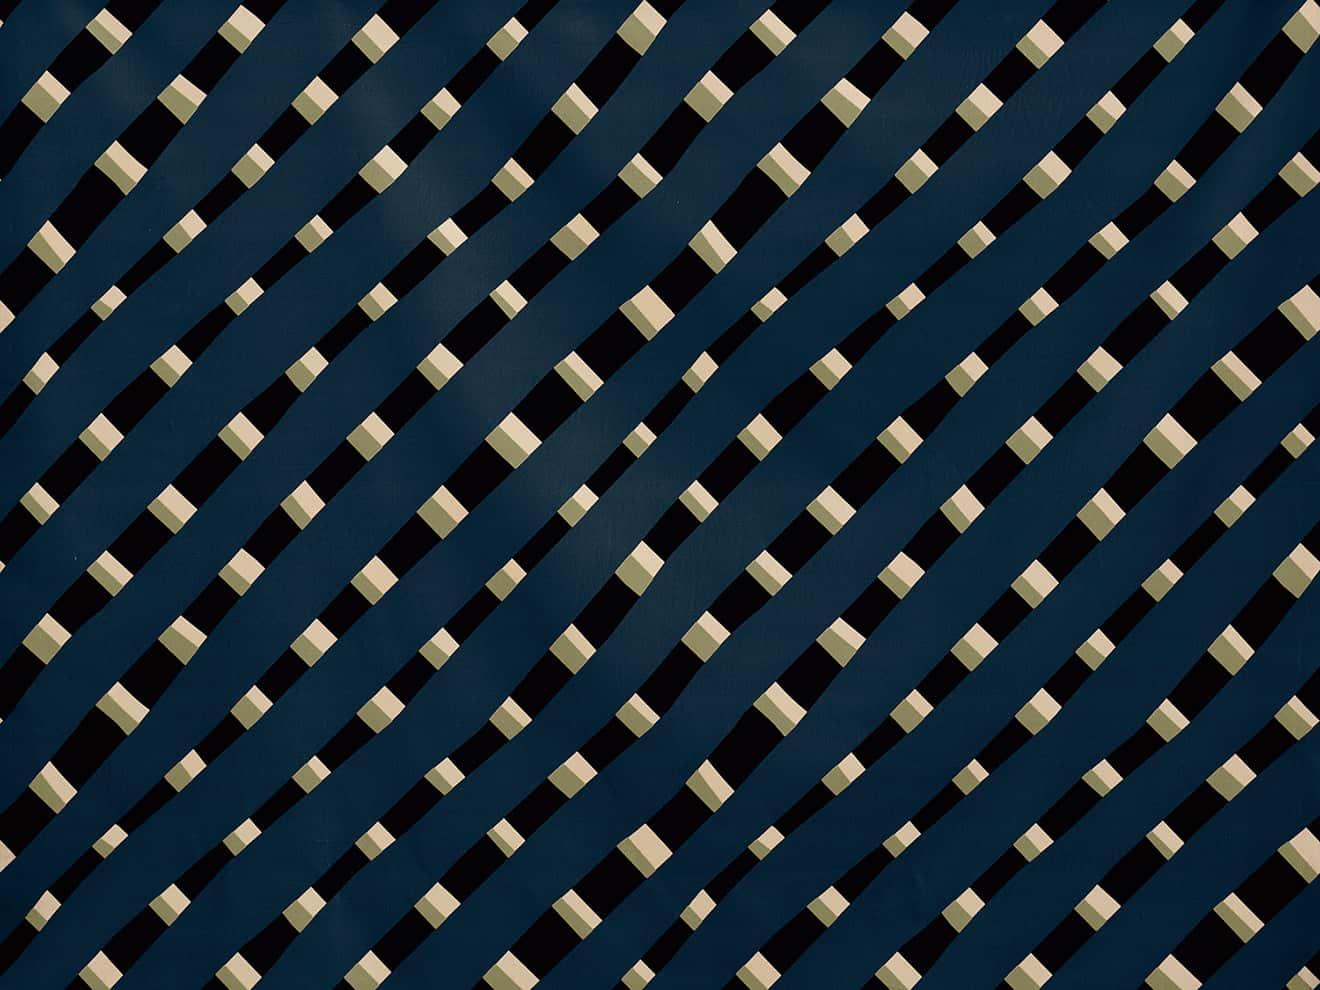 Pierre Frey, Stripes - Tissu en coton et polyester, issu de la collection True Velvelt, velours unis et imprimés. Coloris Night Dream. Laize 136 cm. Design India Mahdavi. ©Pierre Frey